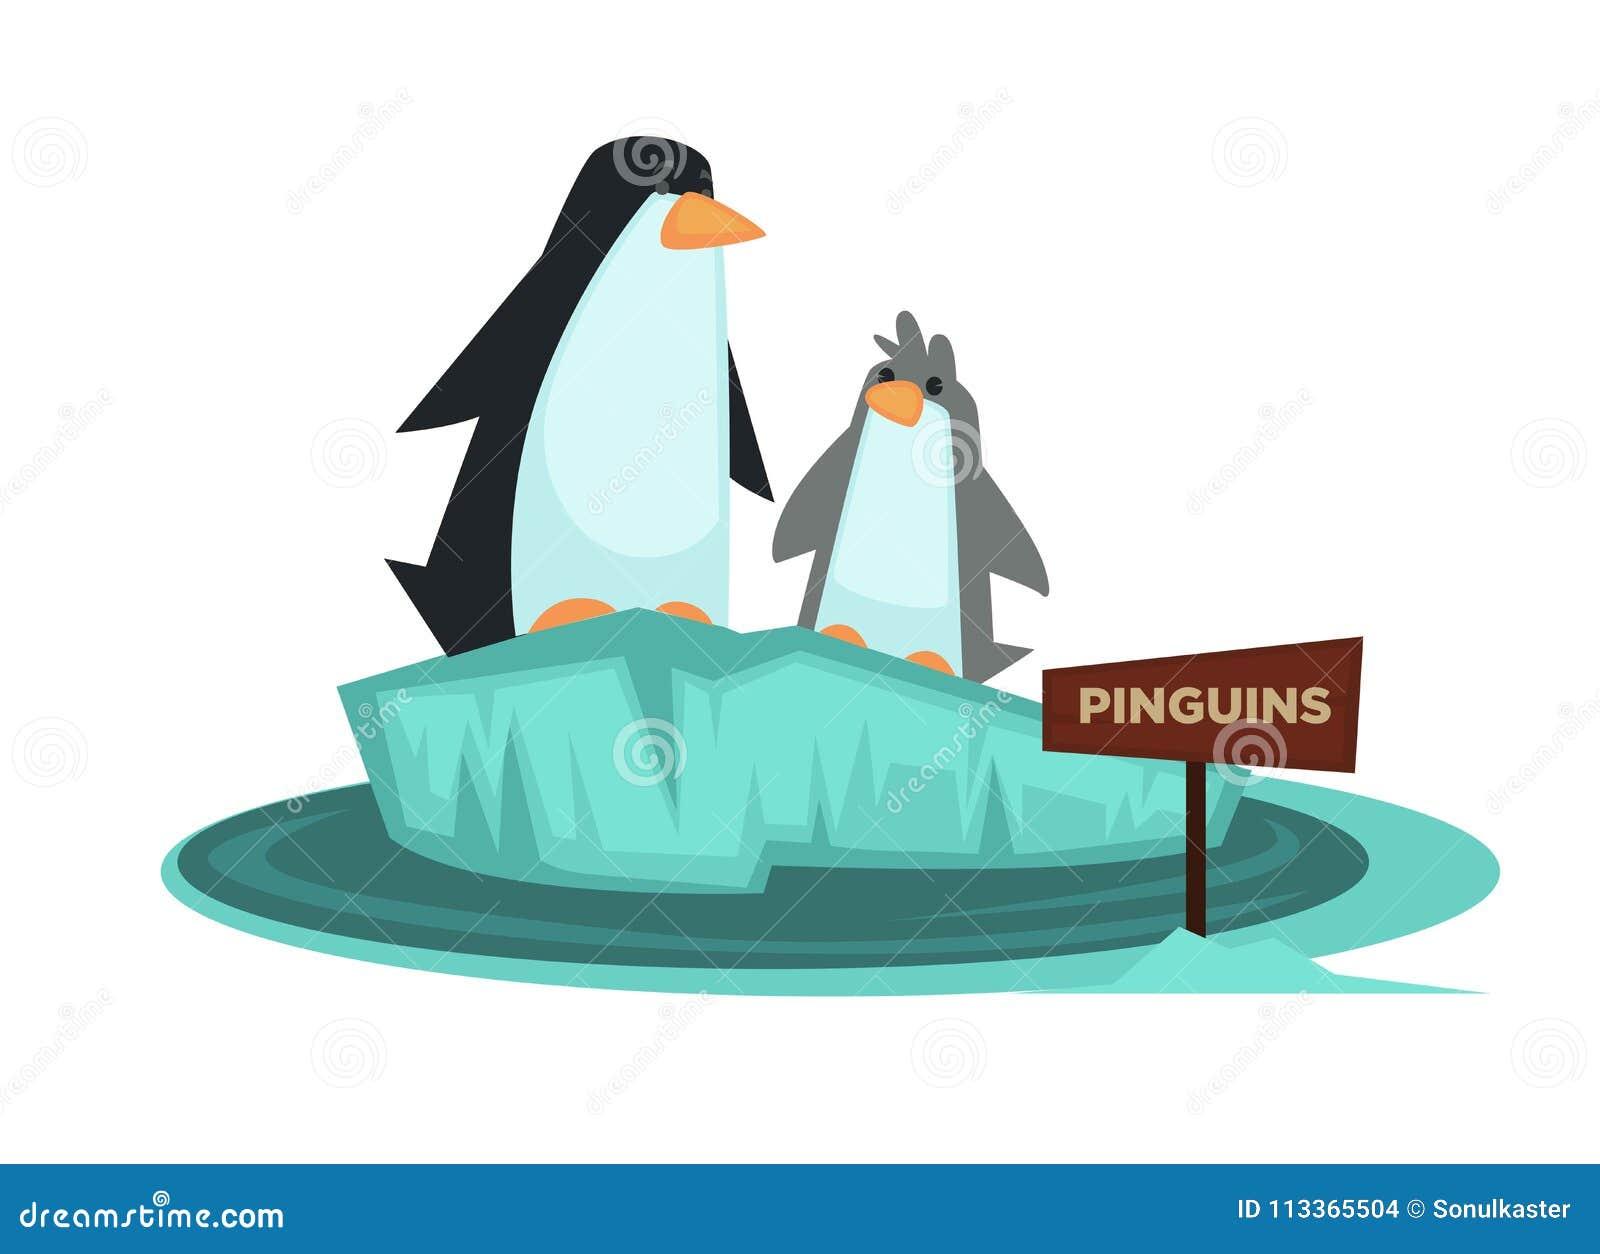 Животное зоопарка пингвина и деревянный шильдик vector значок шаржа для зоологического парка